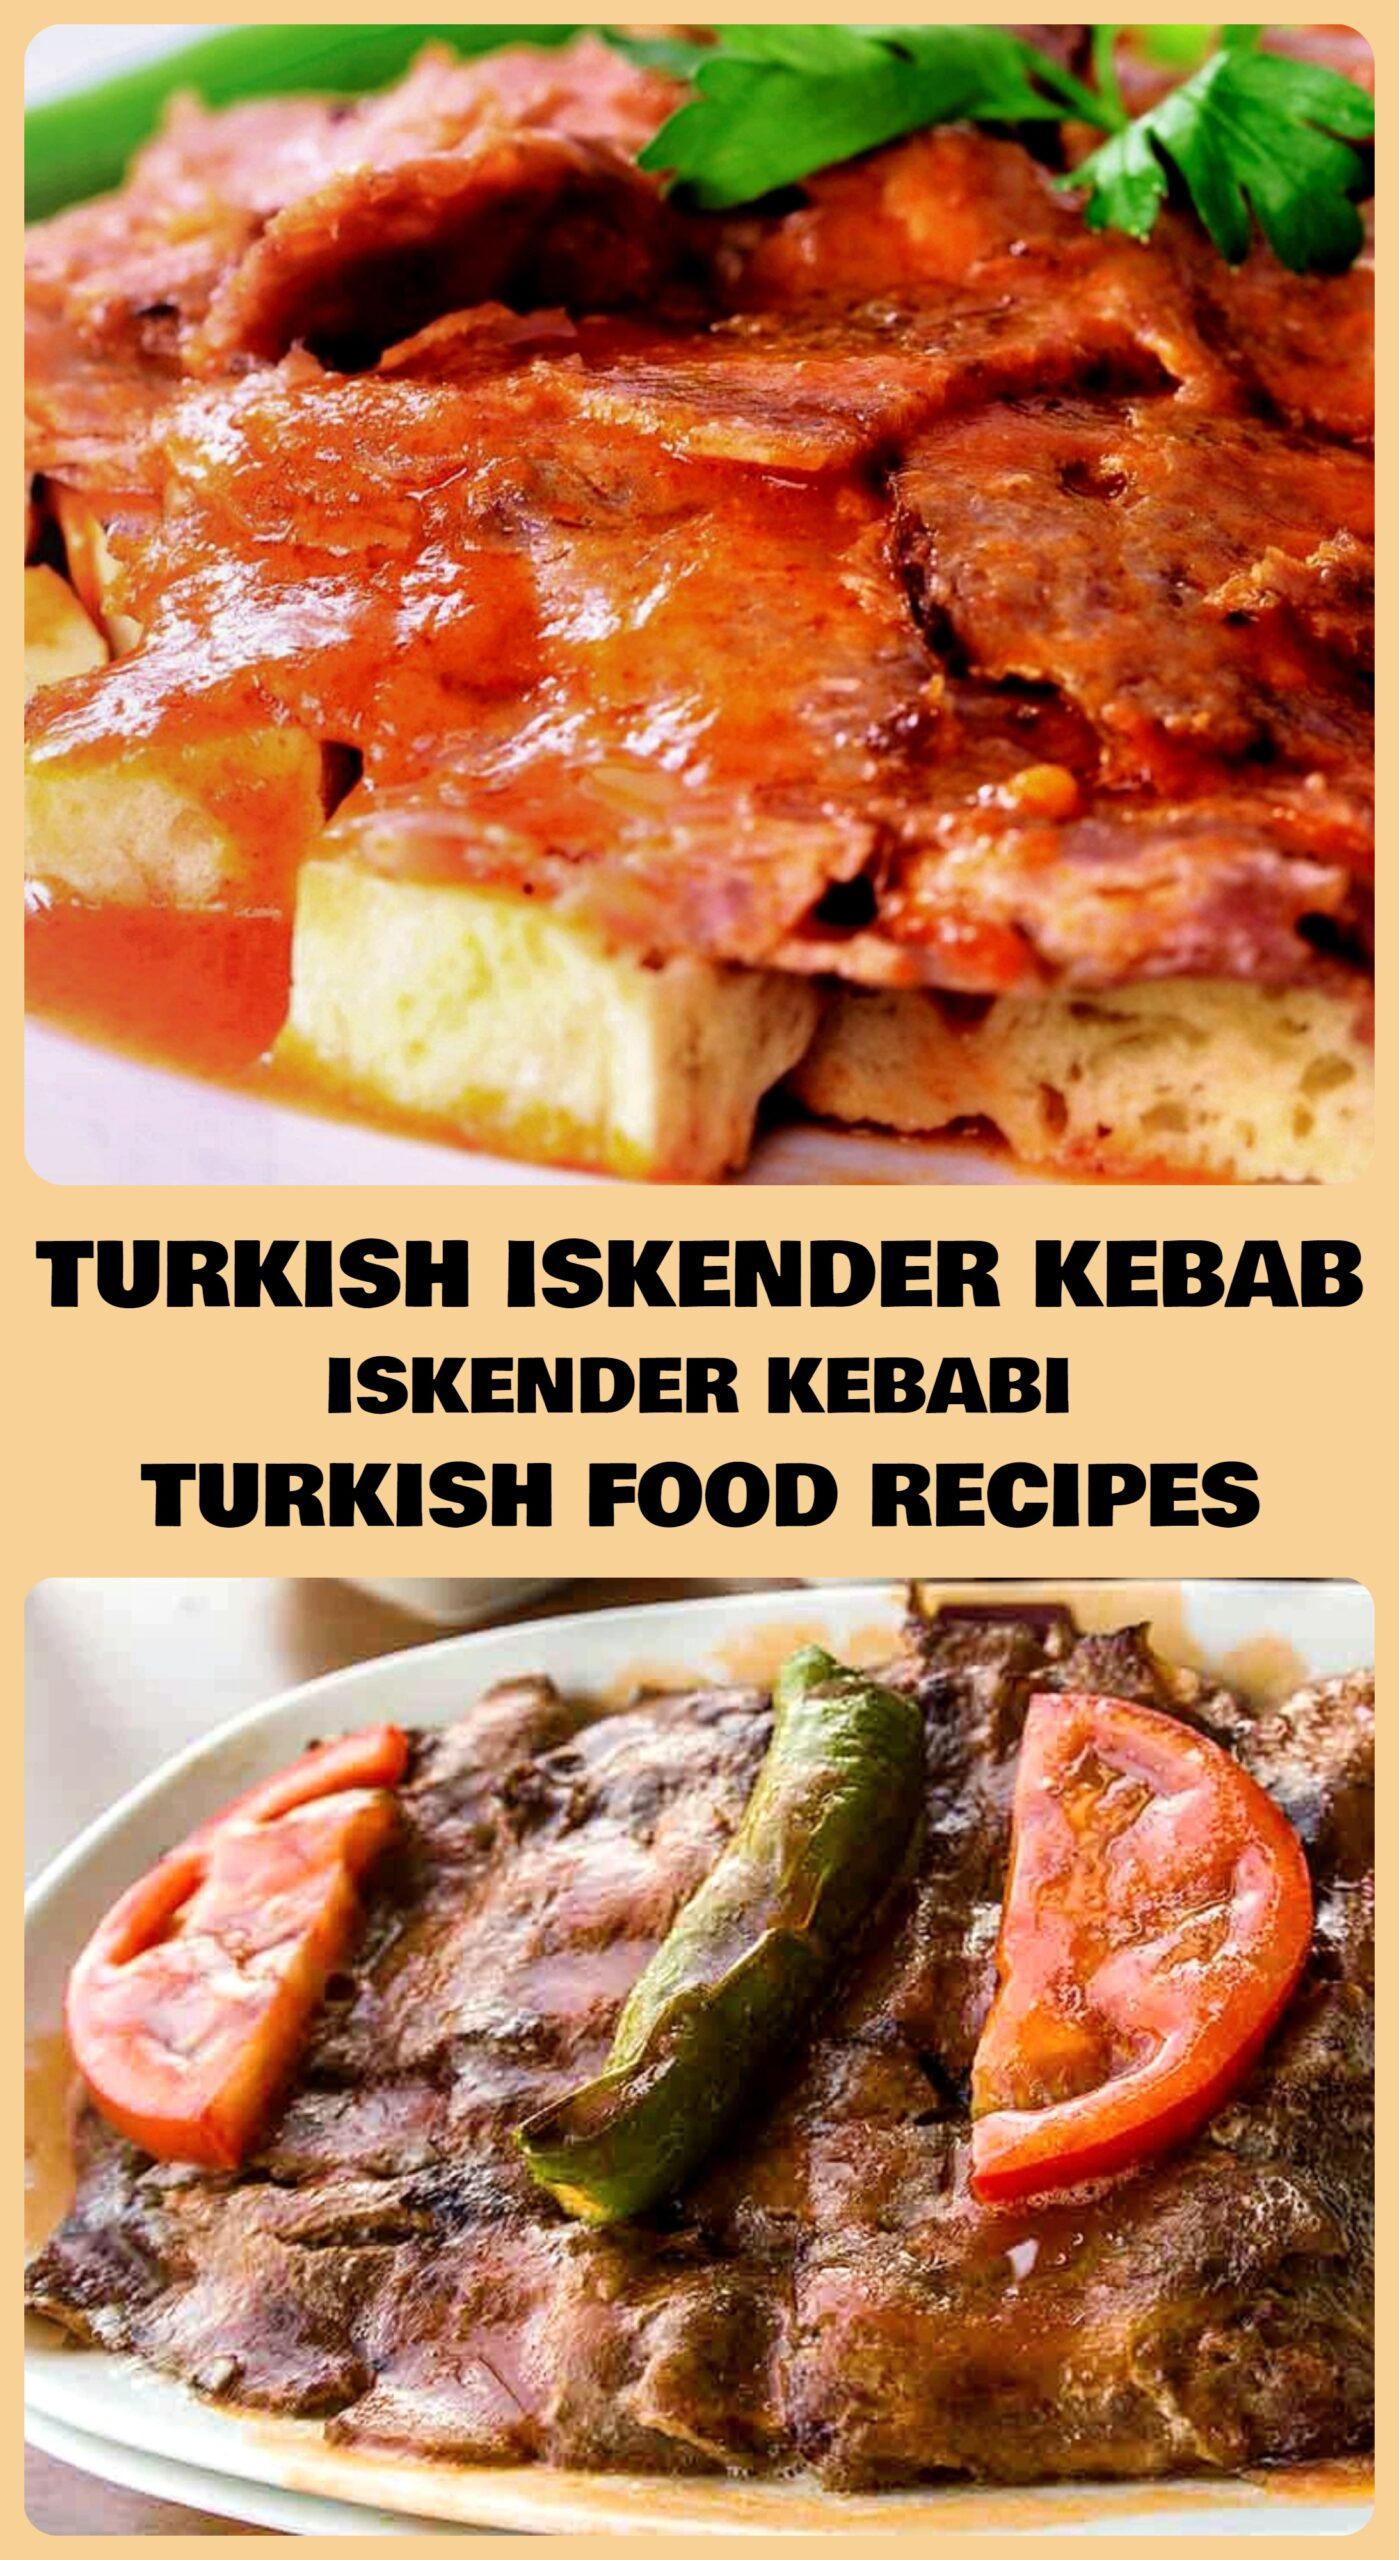 Turkish Iskender Kebab - Iskender Kebabi Recipe